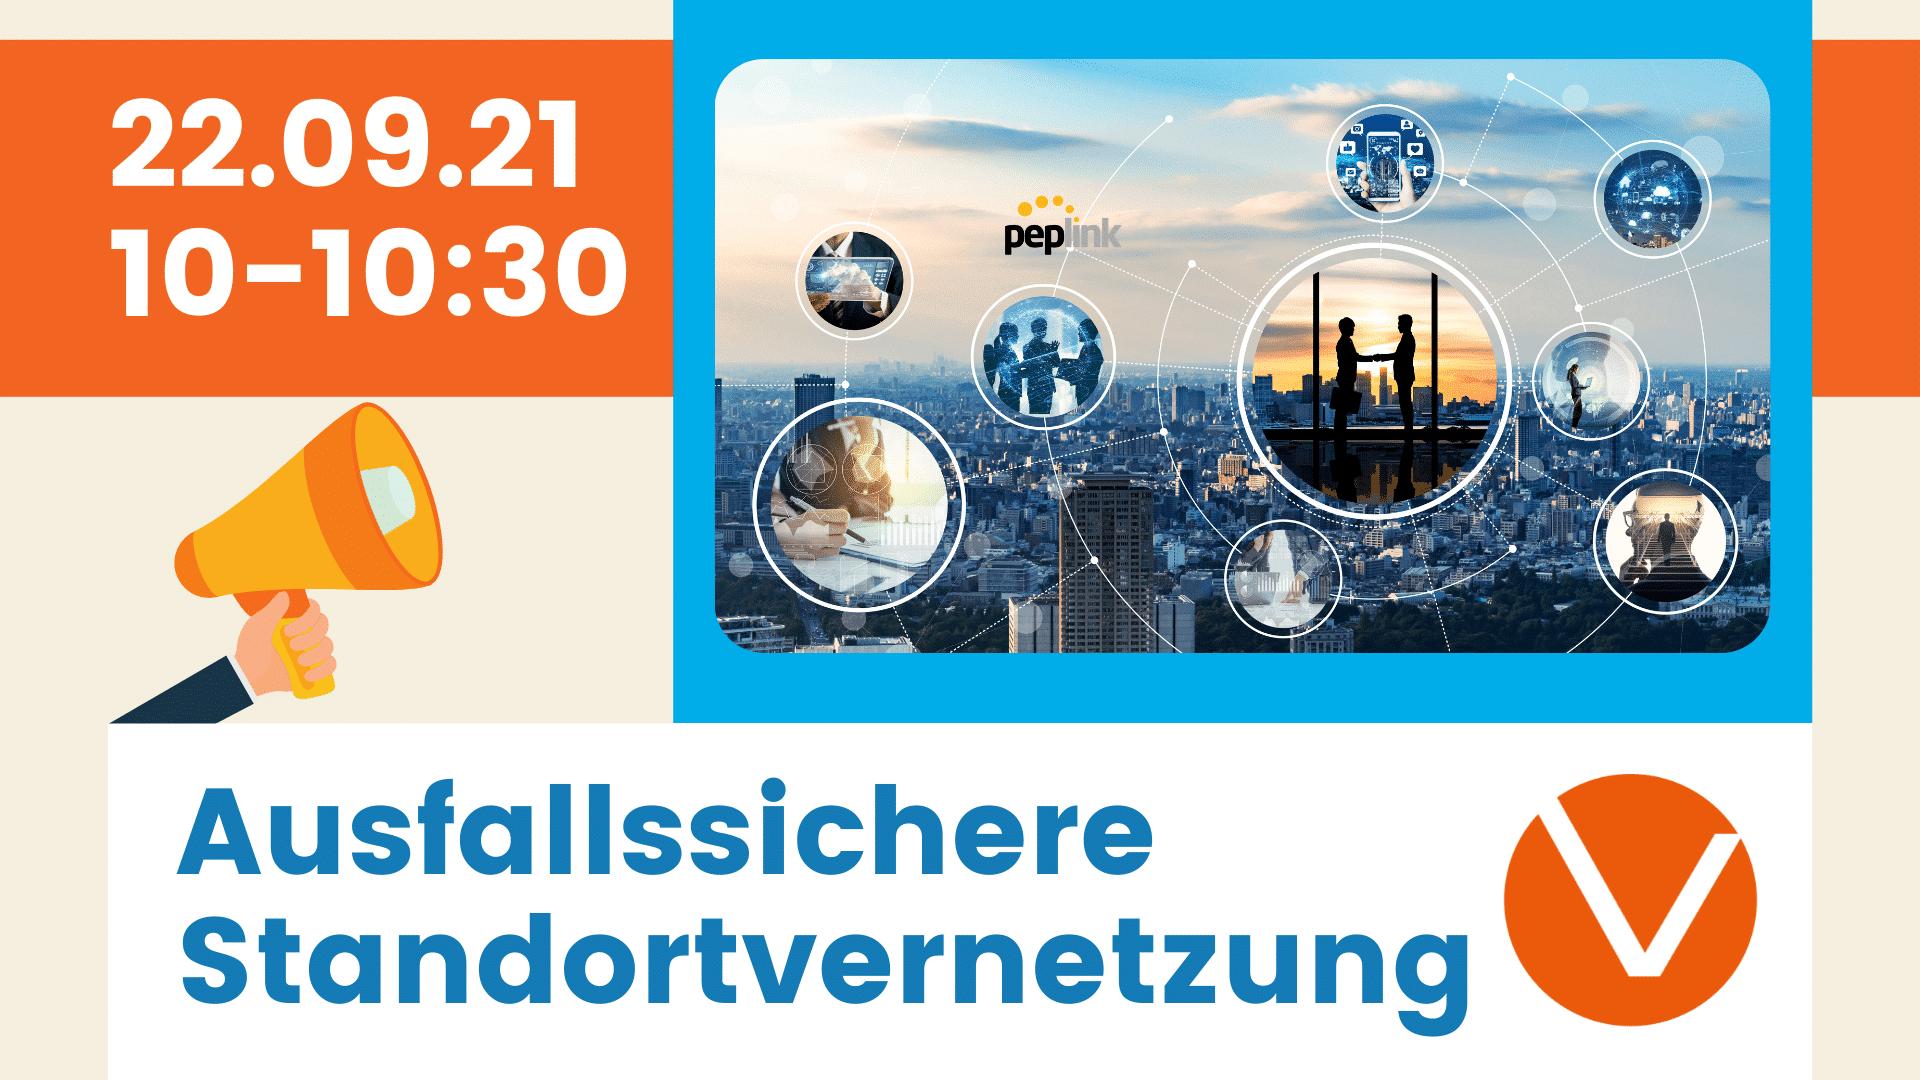 Ausfallssichere Standortvernetzung Webinar am 22.09.2021 von 10-10:30 Uhr powered by Peplink